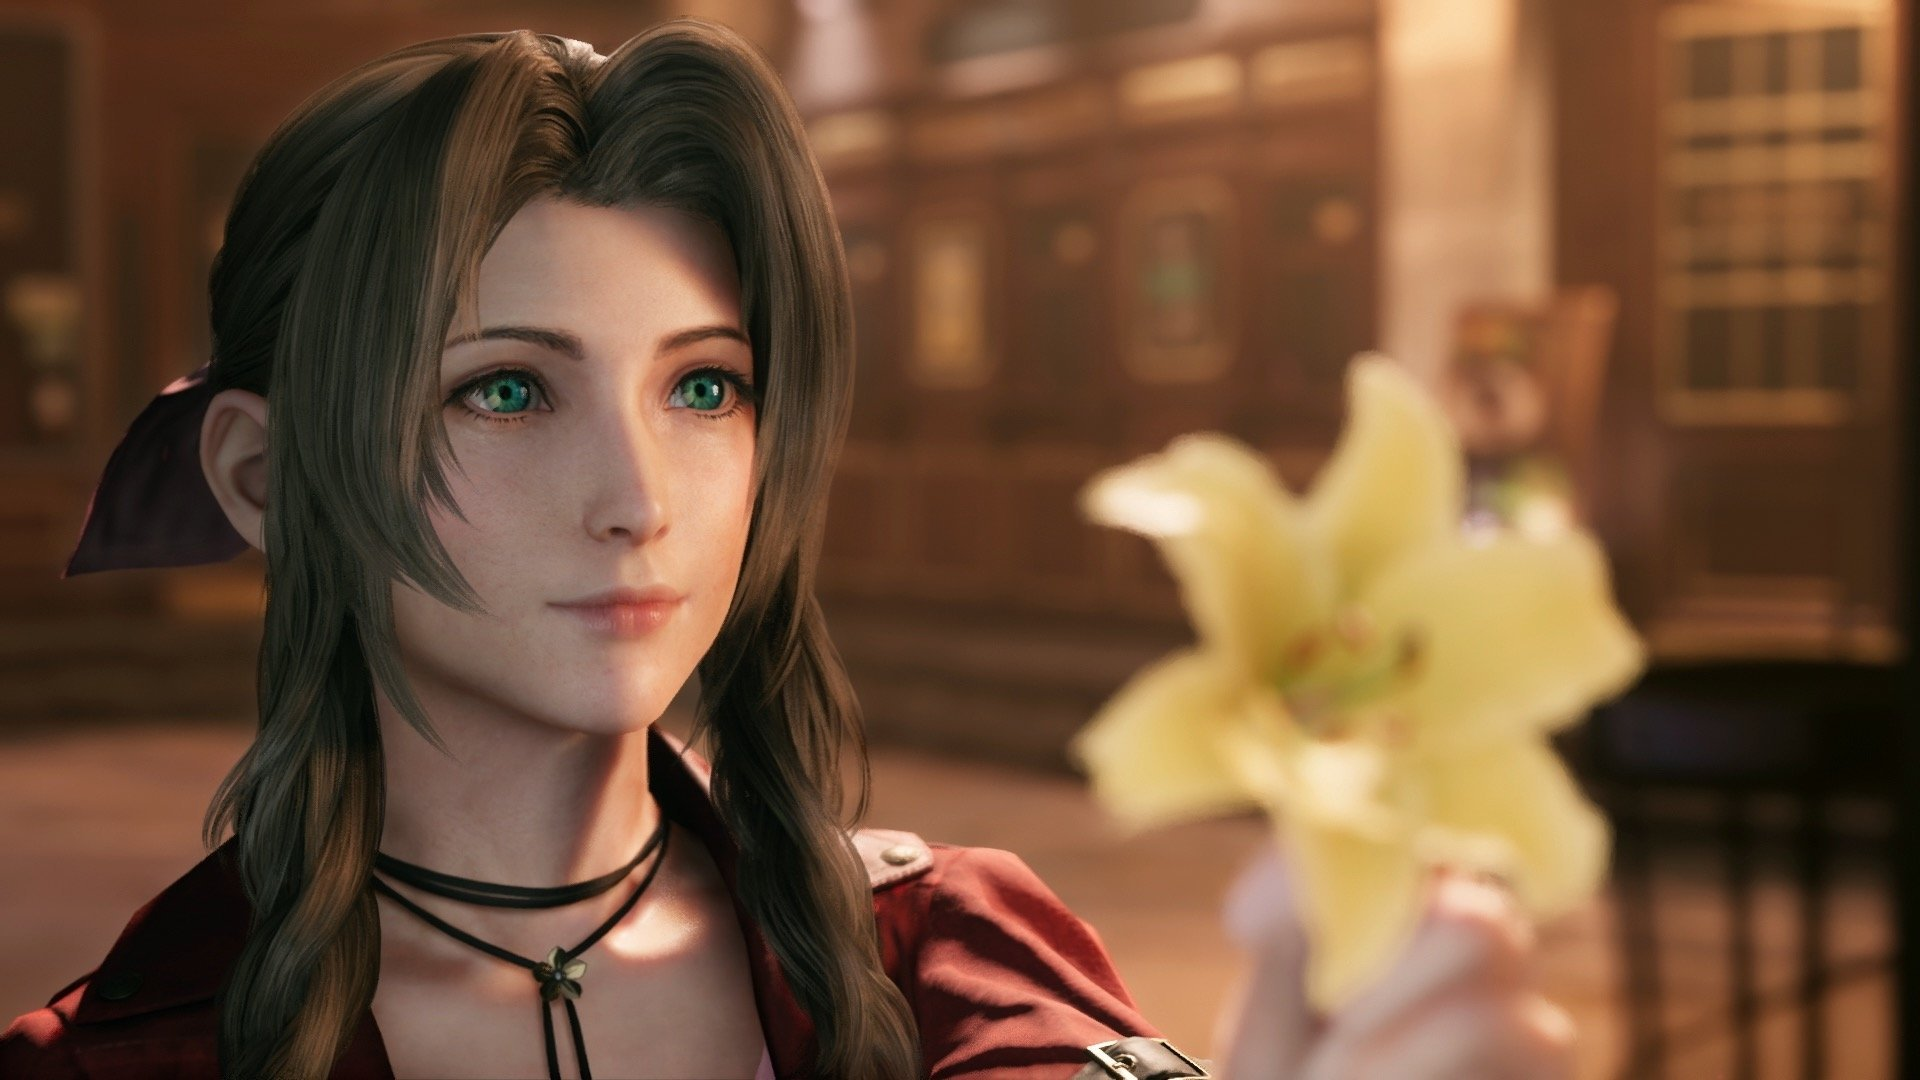 Briana White, a dubladora inglesa de Aeris em Final Fantasy VII Remake, fez o melhor cosplay da personagem que você já viu.